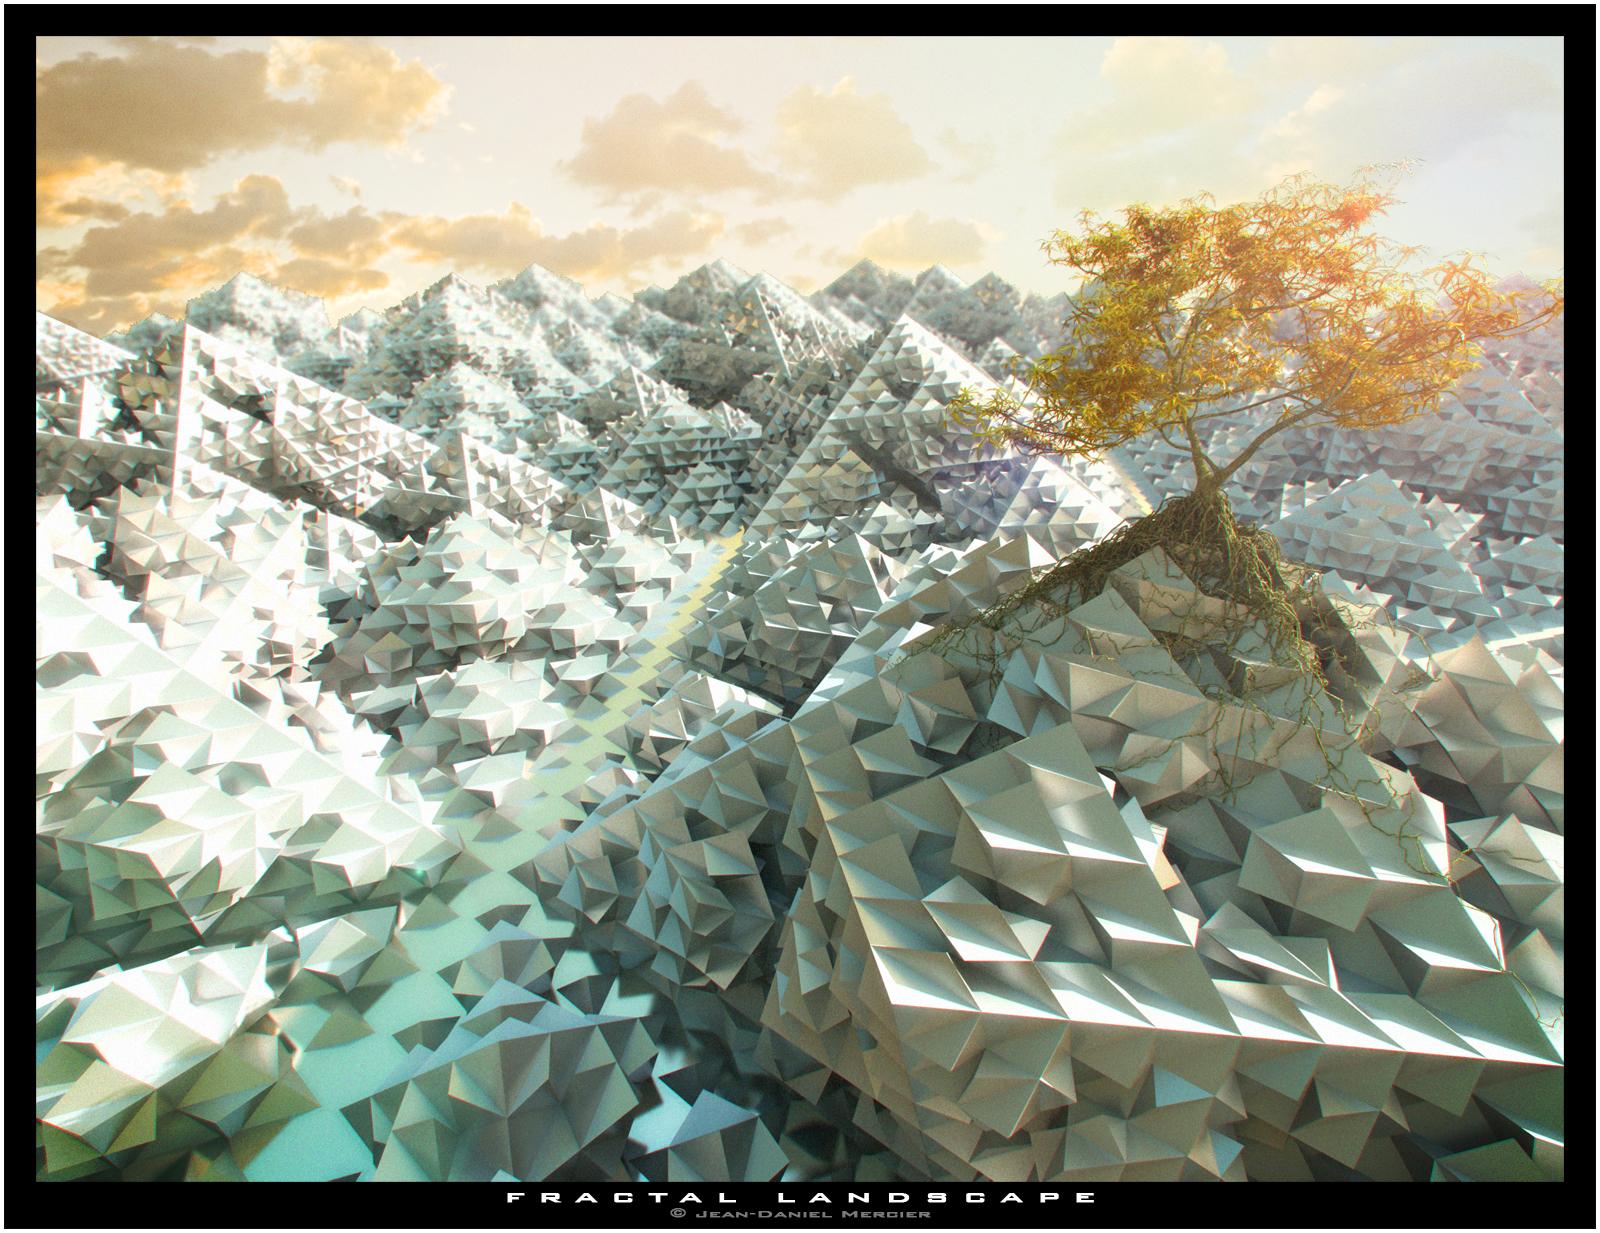 afc08.deviantart.net_fs45_f_2009_153_7_3_Fractal_Landscape_by_LeSingeNu.jpg